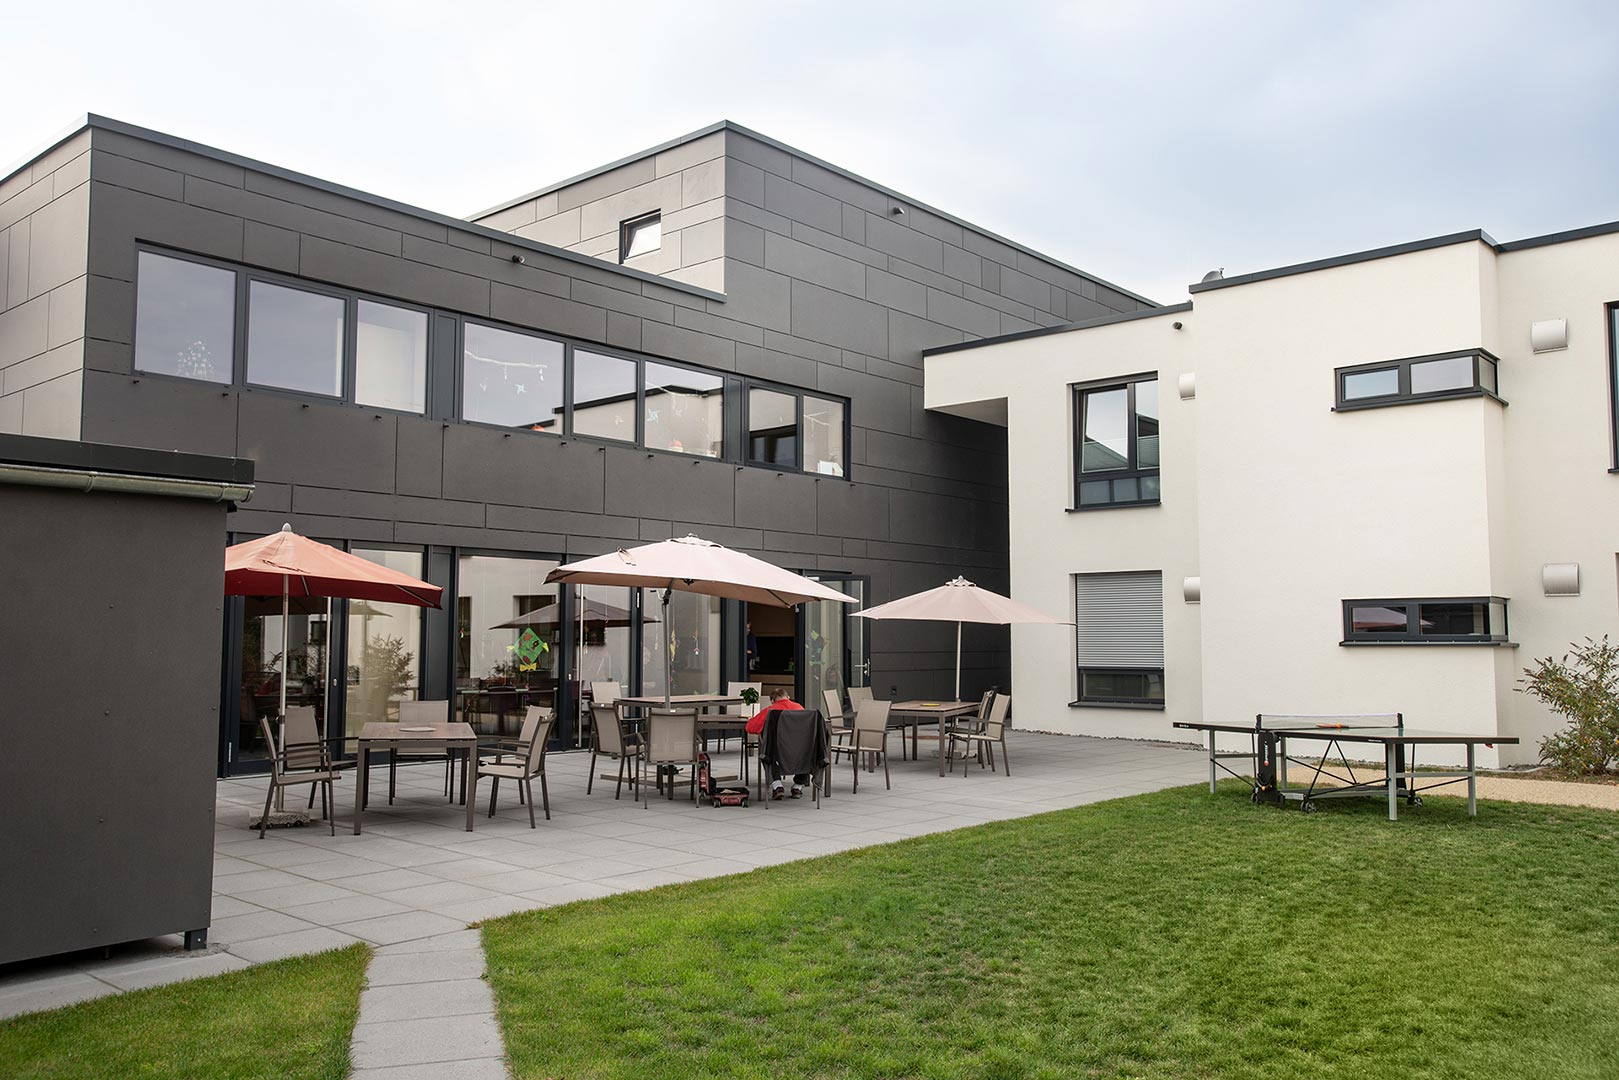 LHWS – Standort Gemeinschaftliches Wohnen Großostheim